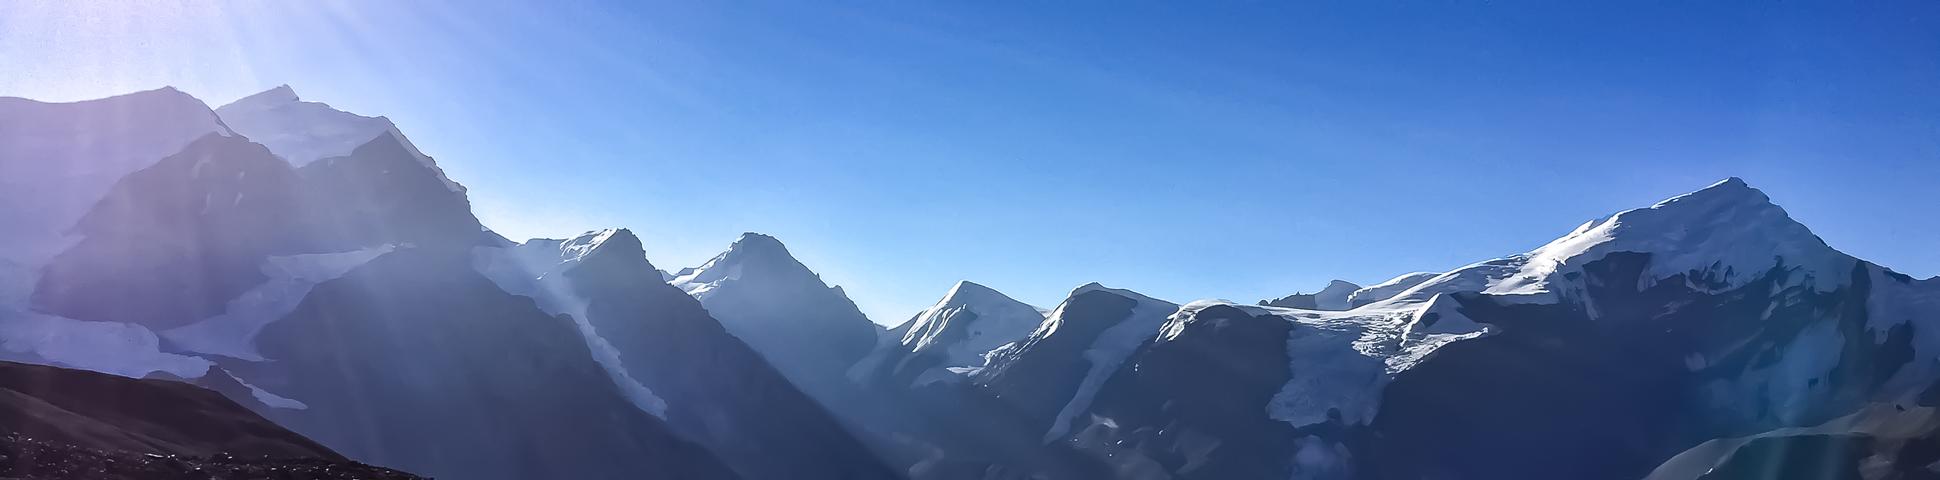 Panoramic view from Annapurna Circuit Trek